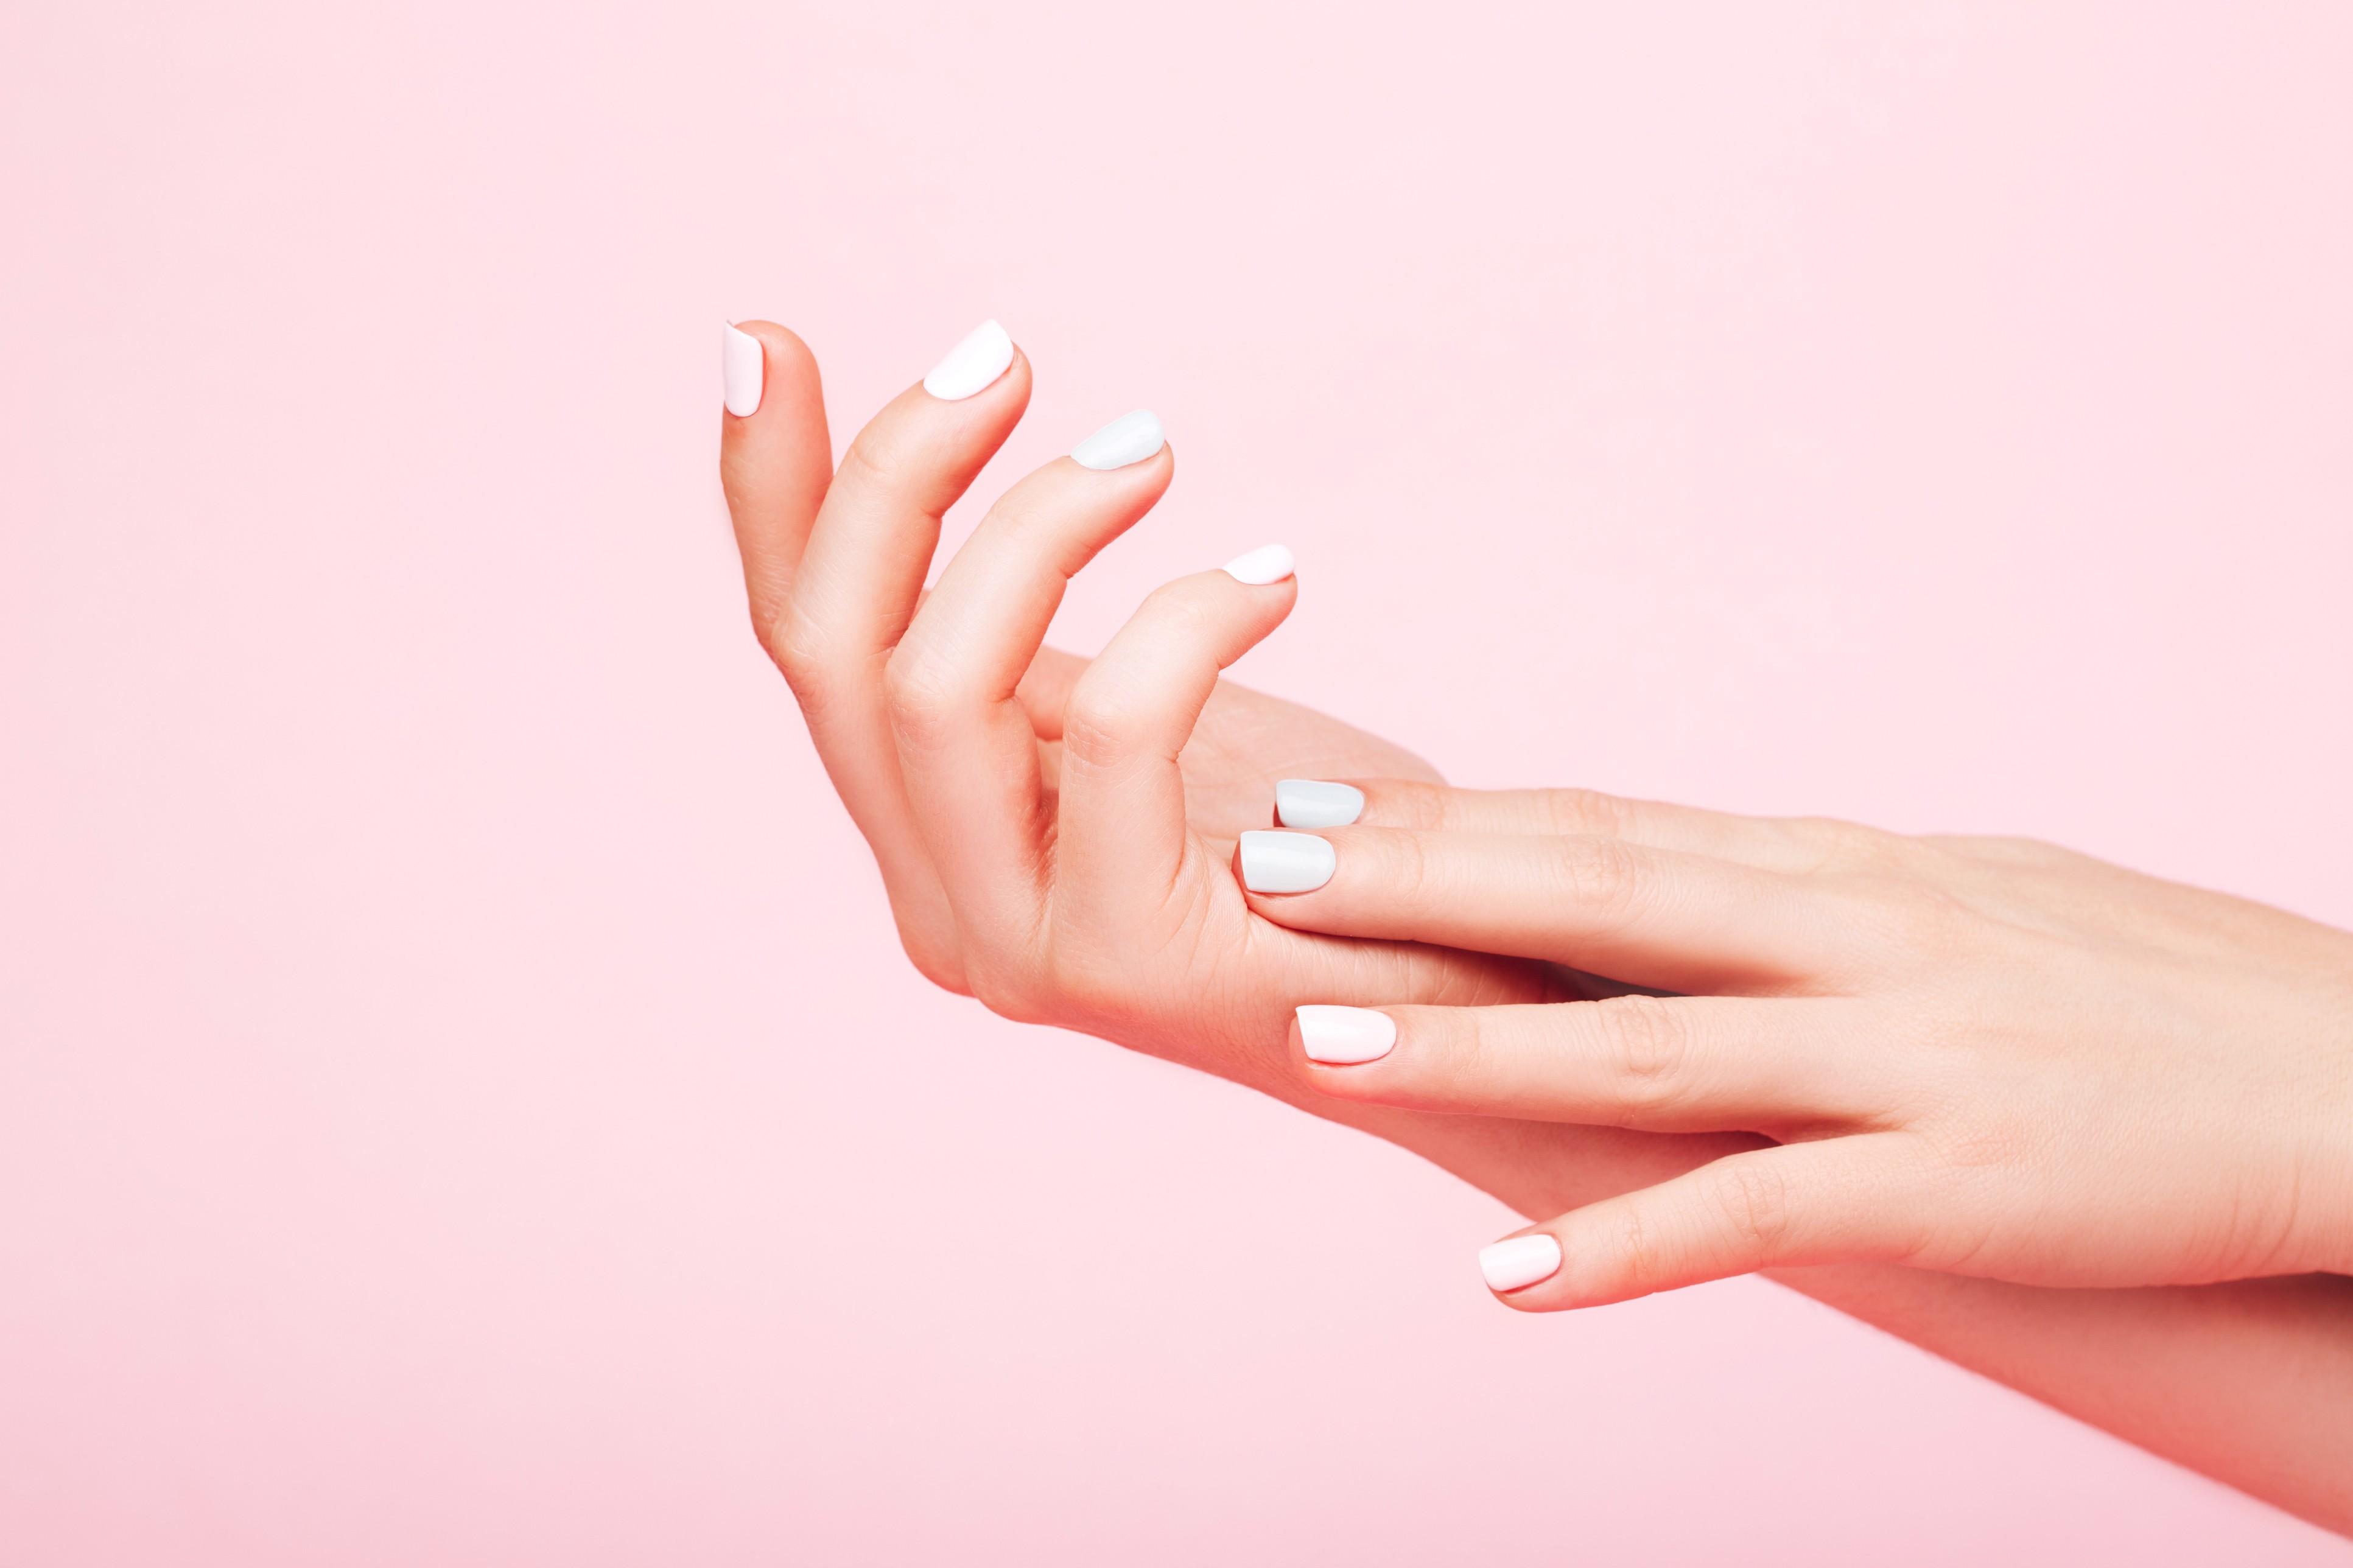 Assim como a pele do rosto, a das mãos também merece atenção e cuidados especiais (Foto: Thinkstock)